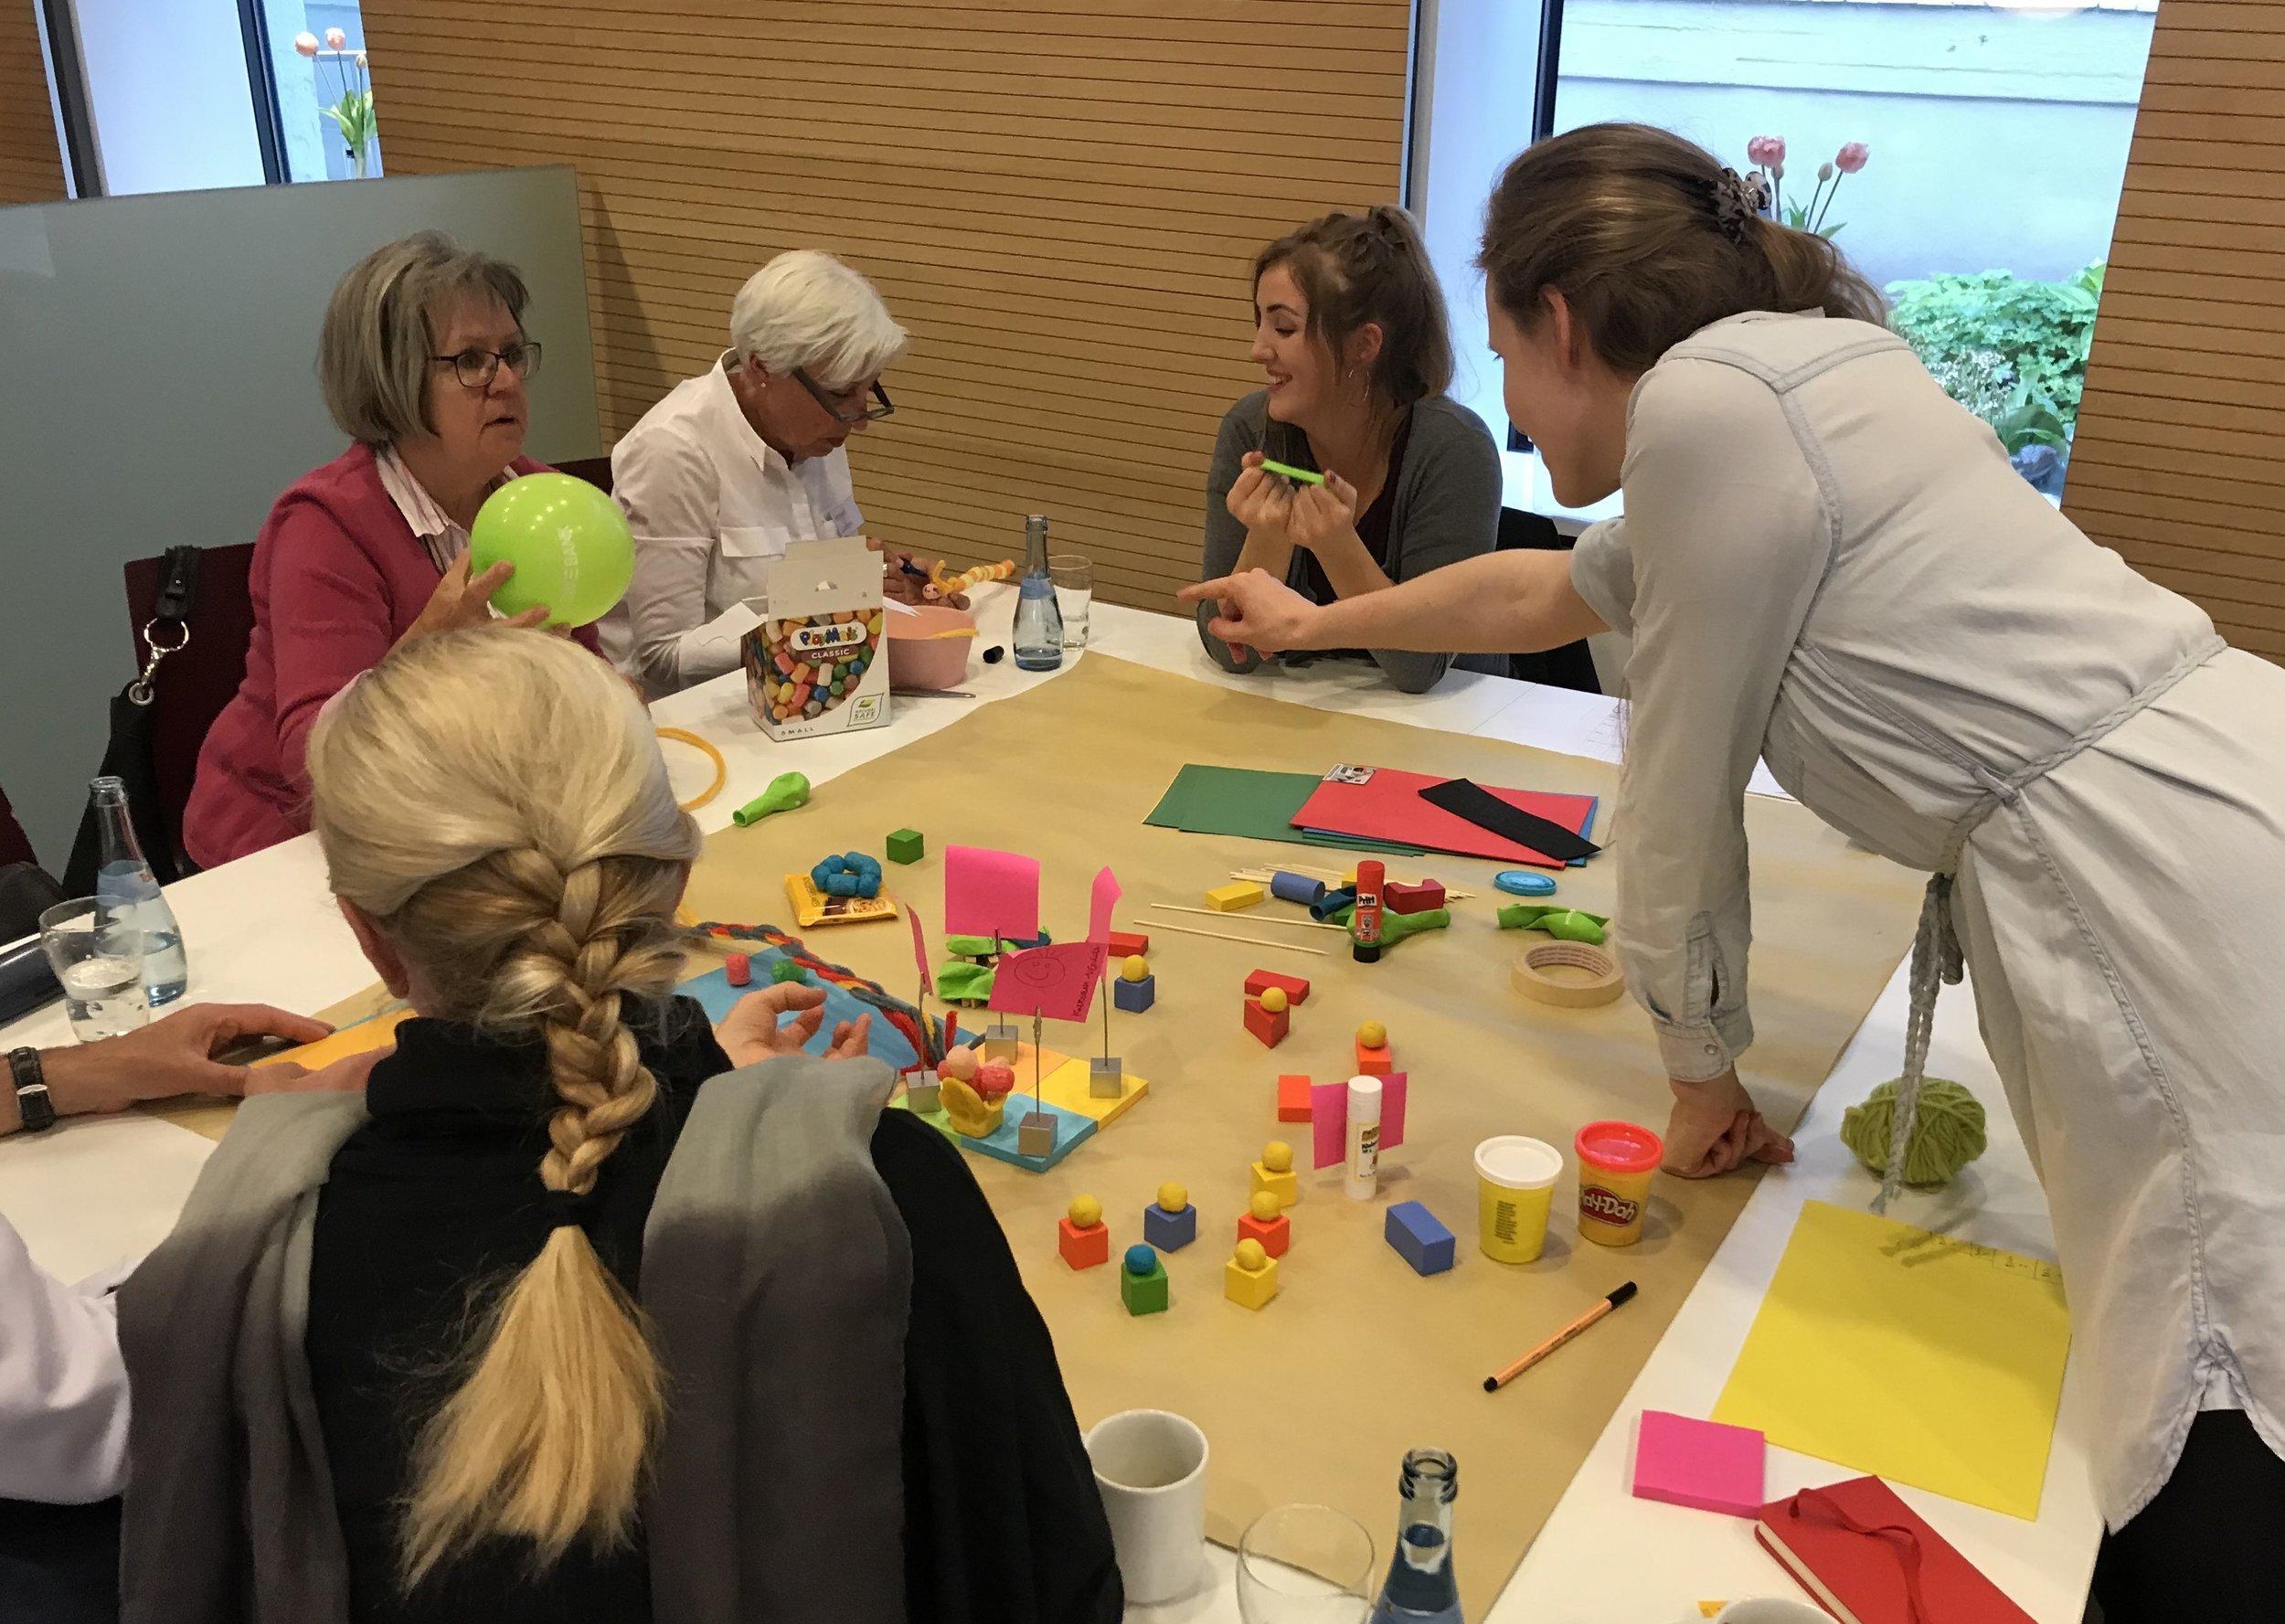 """Bei der zweiten Veranstaltung mit dem Thema """"Fortbildungen"""" wurde die Methode Design Thinking angewendet."""